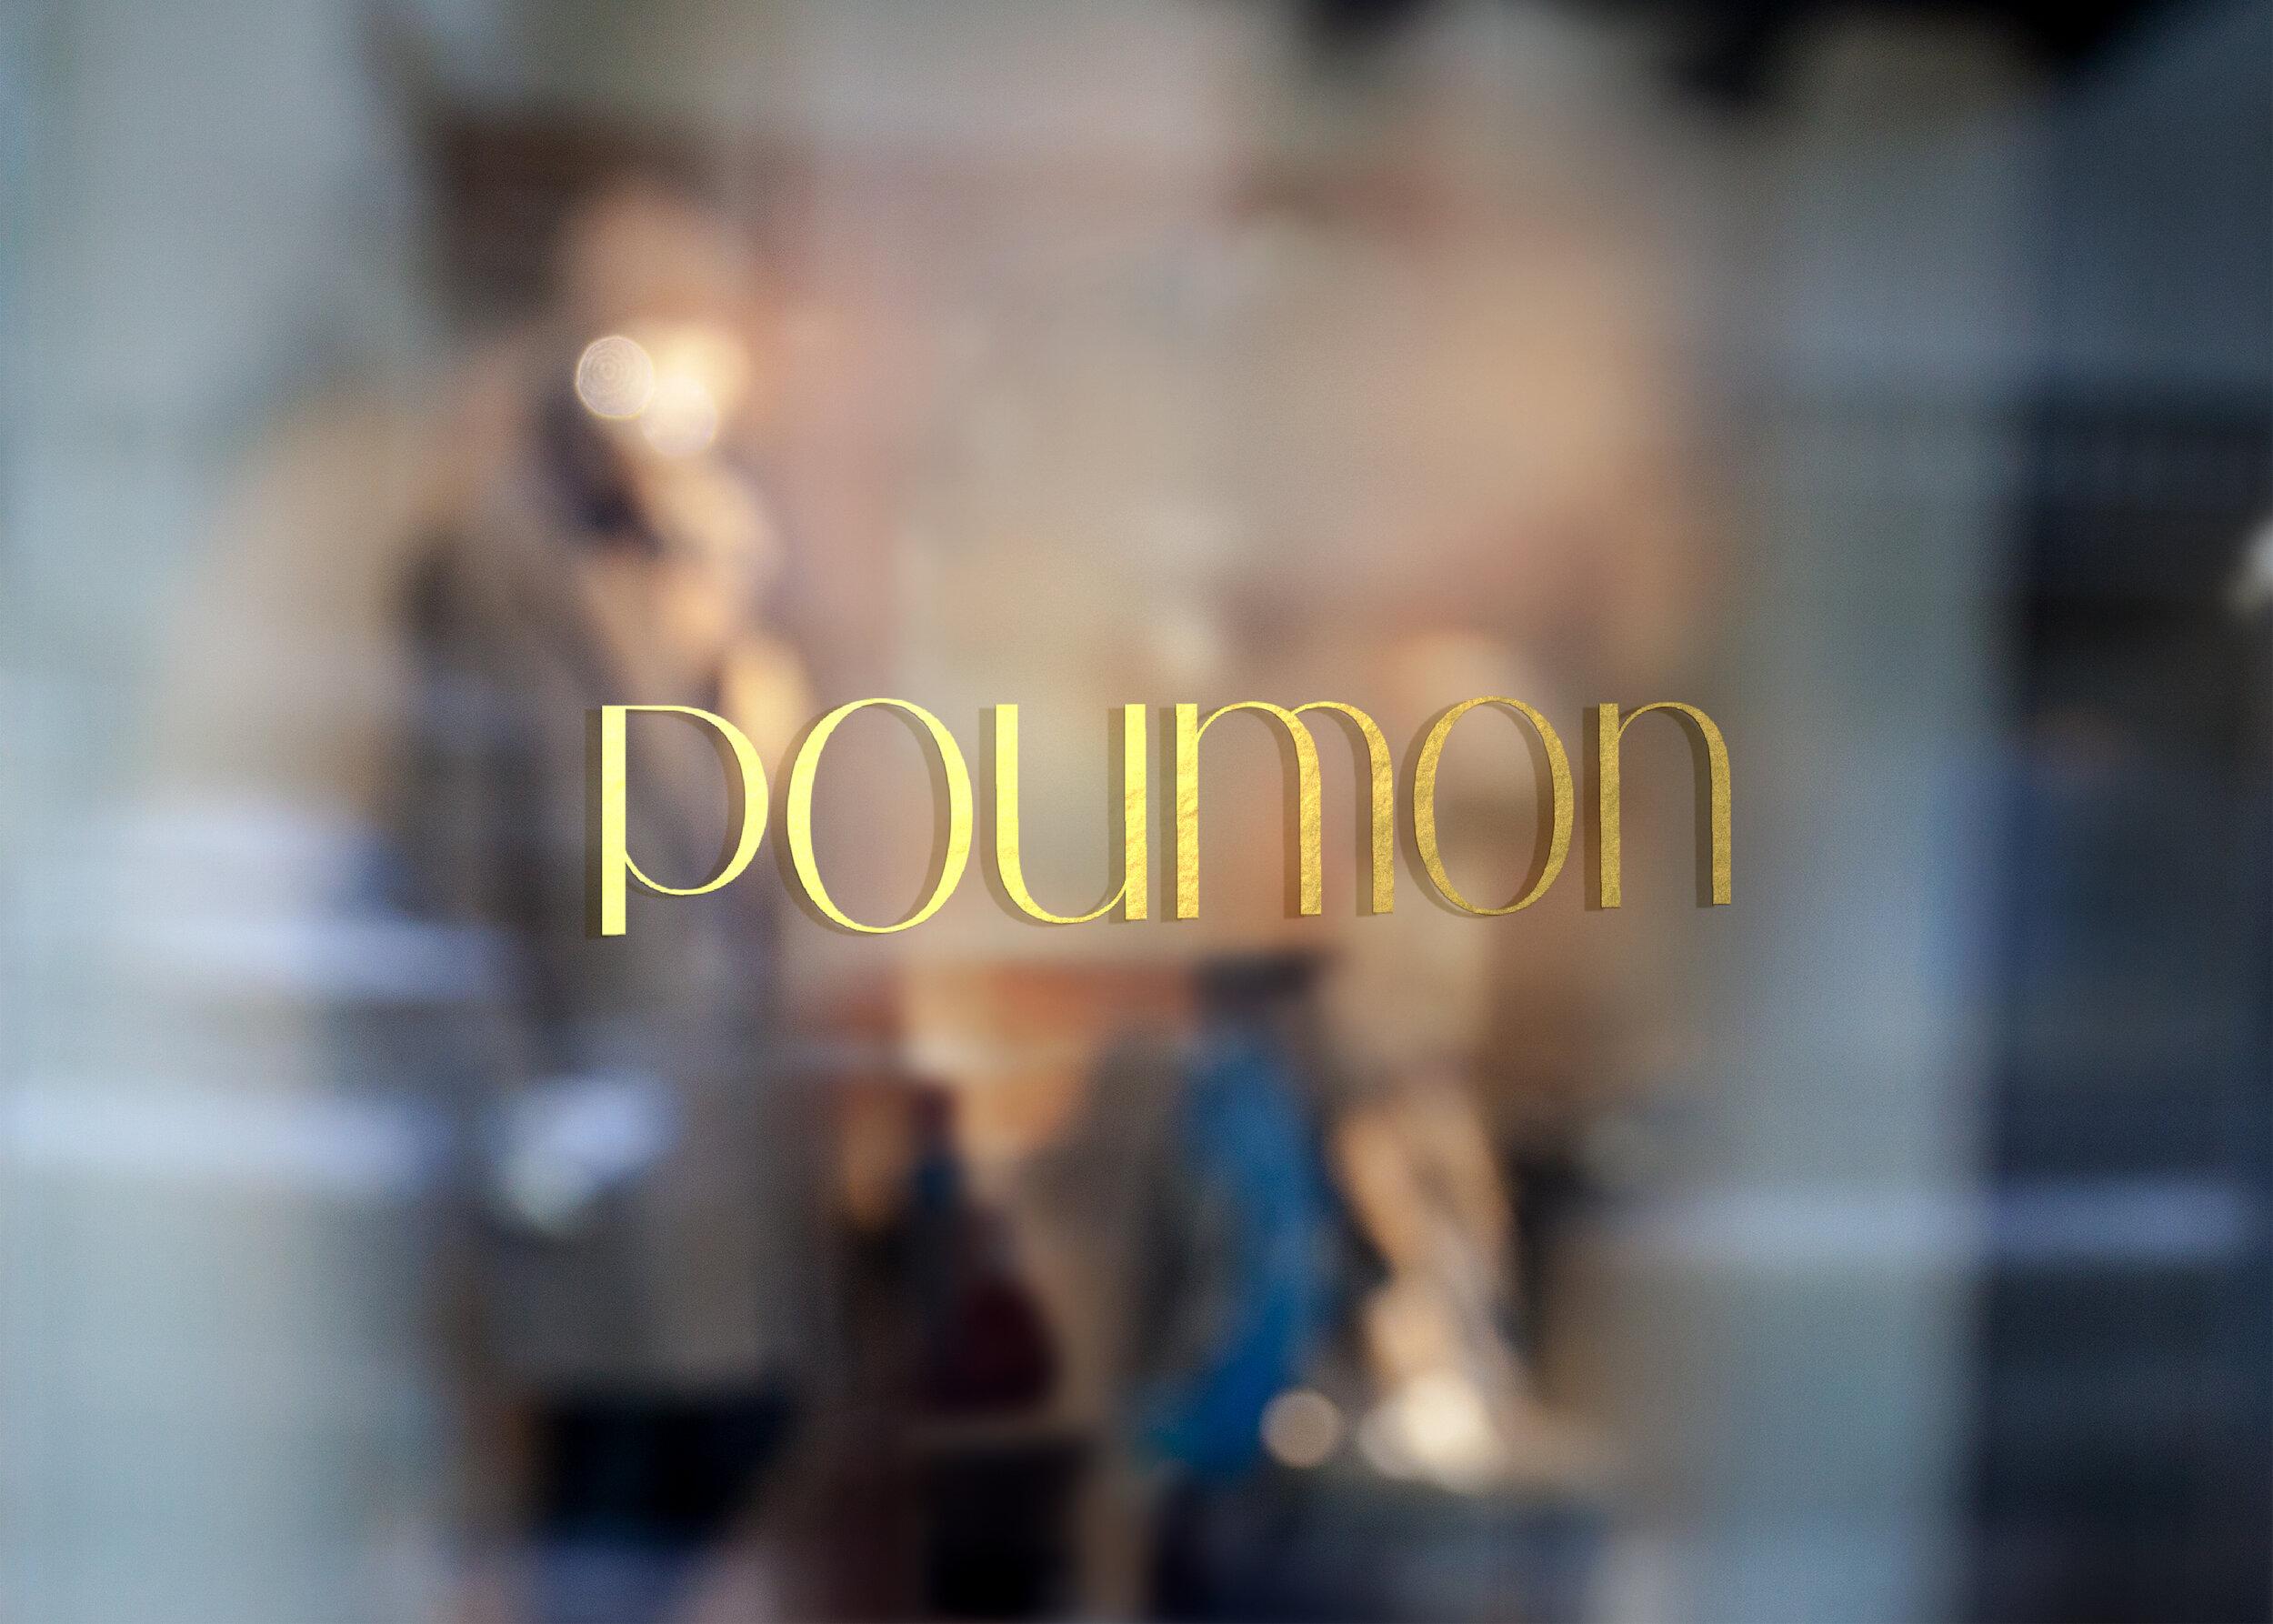 Poumon-Mockup-JPEG